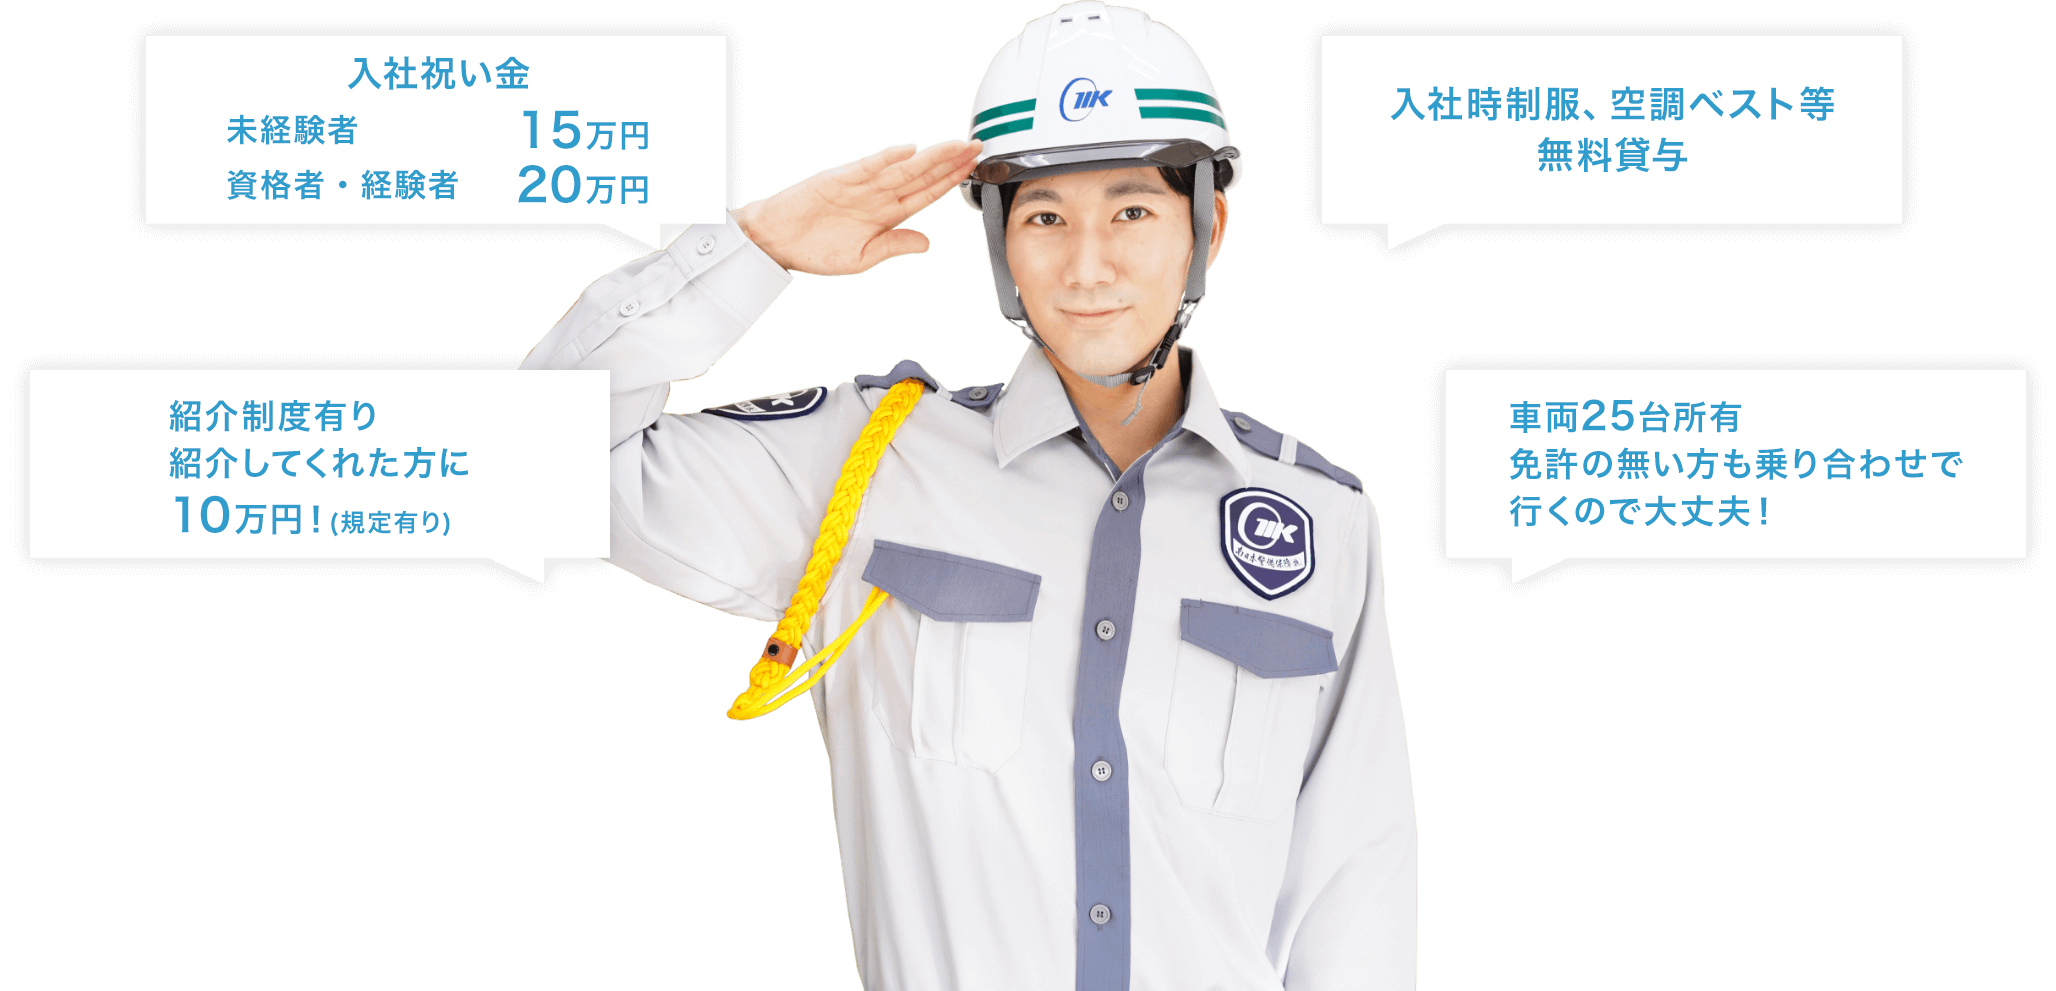 入社祝い金 紹介制度有り紹介してくれた方に10万円(規定有り) 入社時制服、空調ベスト等無料貸与 車両25台所有免許の無い方も乗り合わせで行くので大丈夫!